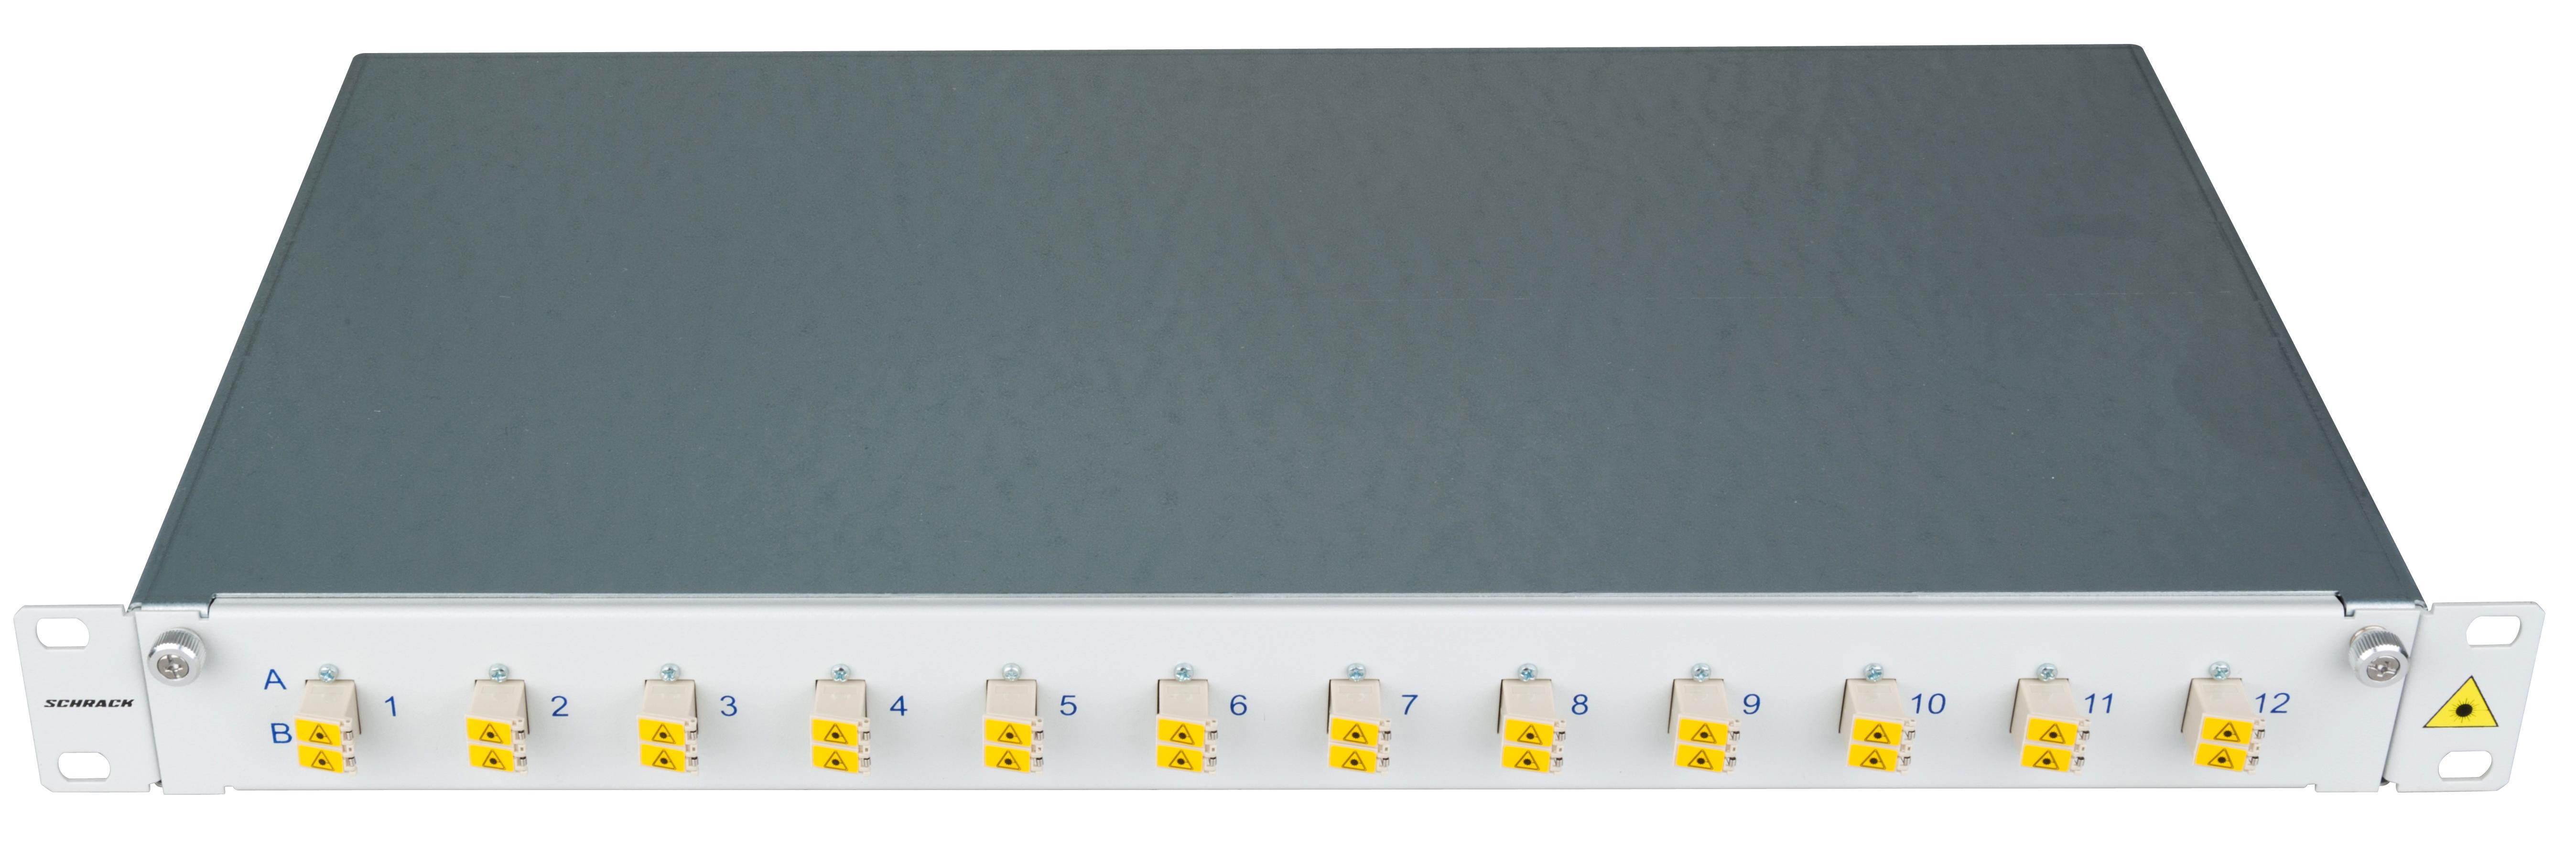 1 Stk LWL Patchpanel 19, 1 HE, ausziehbar, für 4 Fasern, LC, MM HSELS04MLG